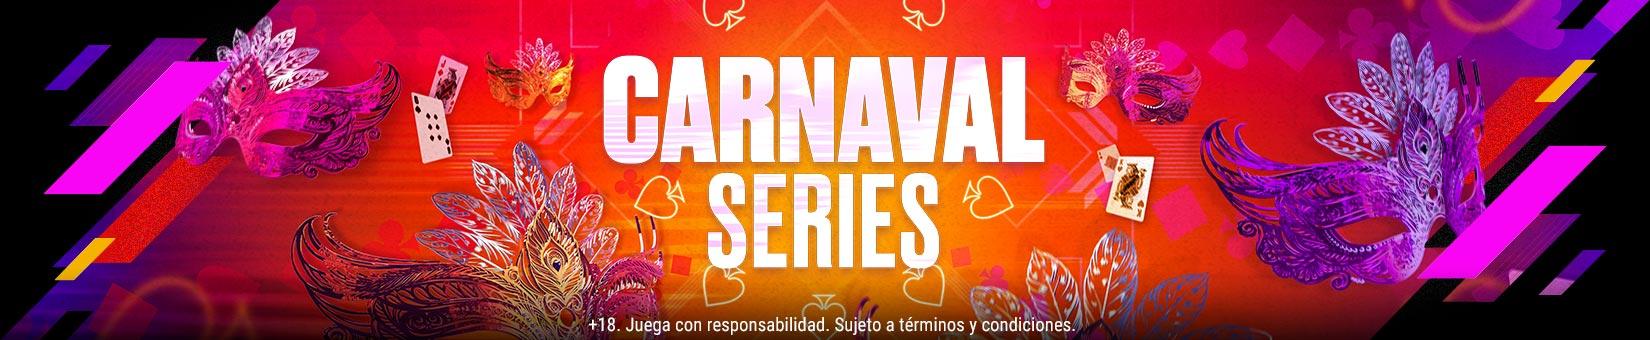 Casino en vivo pokerstars torneo de Carnaval de Betway 344284